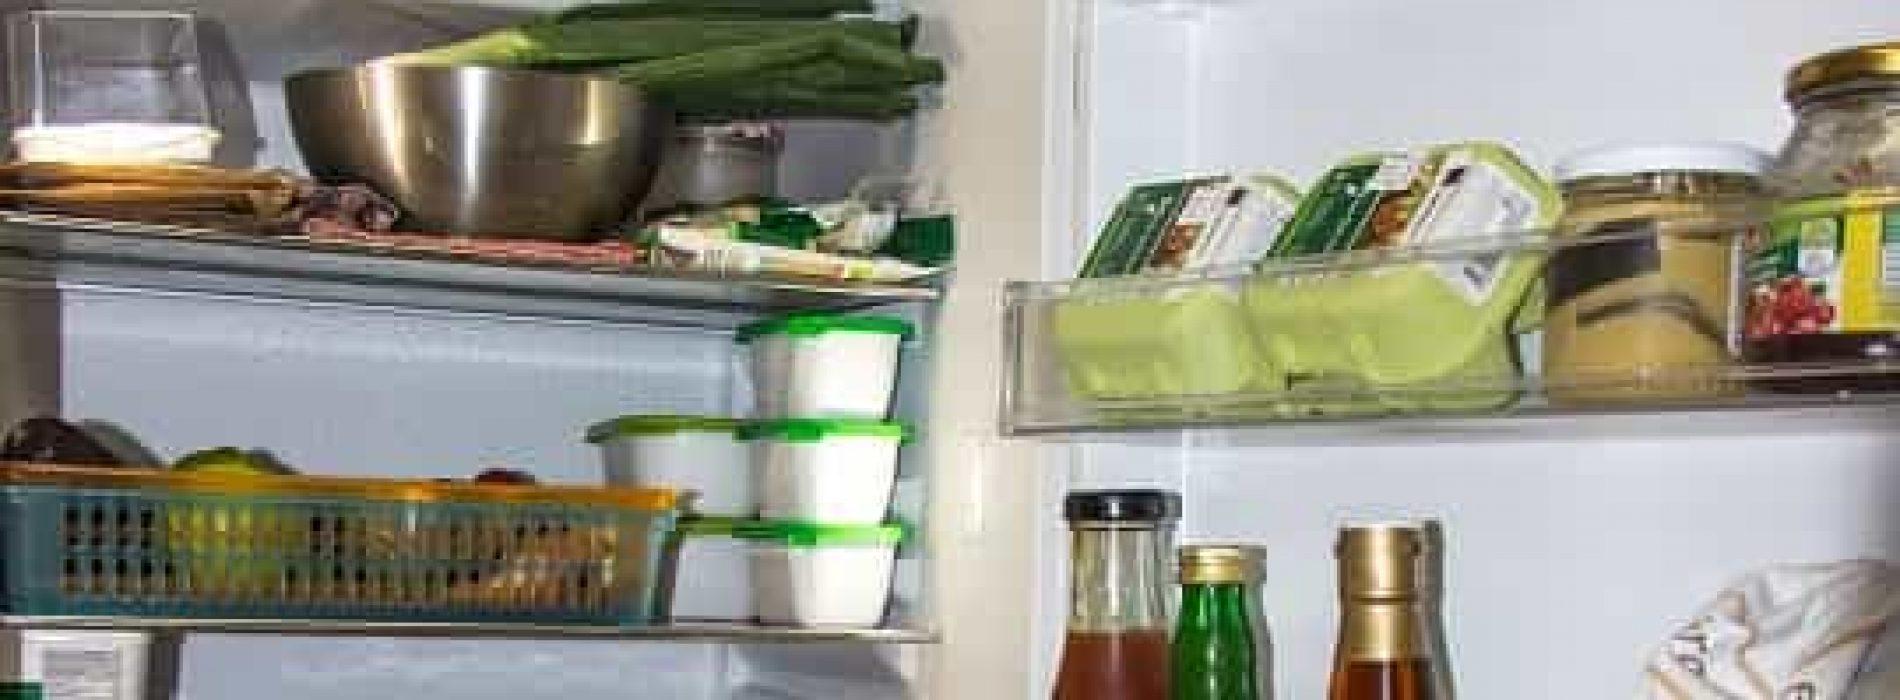 Slik oppbevarer du mat i kjøleskapet